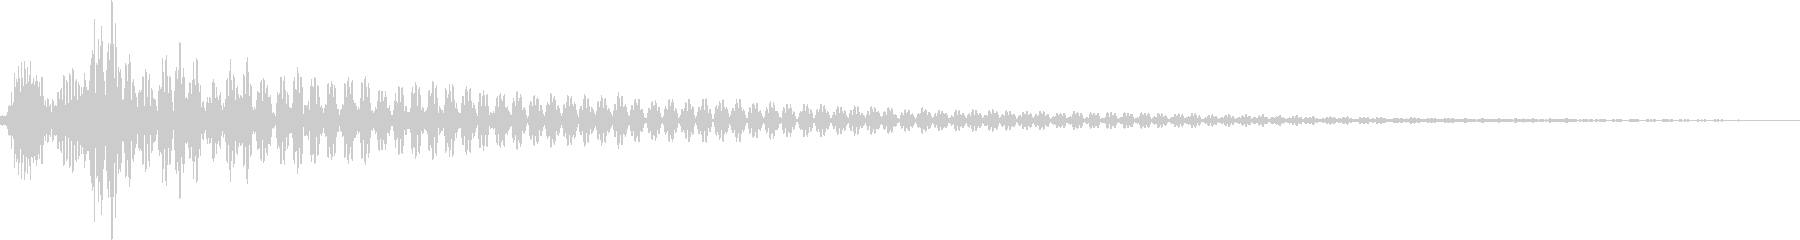 コン(カーソル移動、決定、ボタン)の未再生の波形